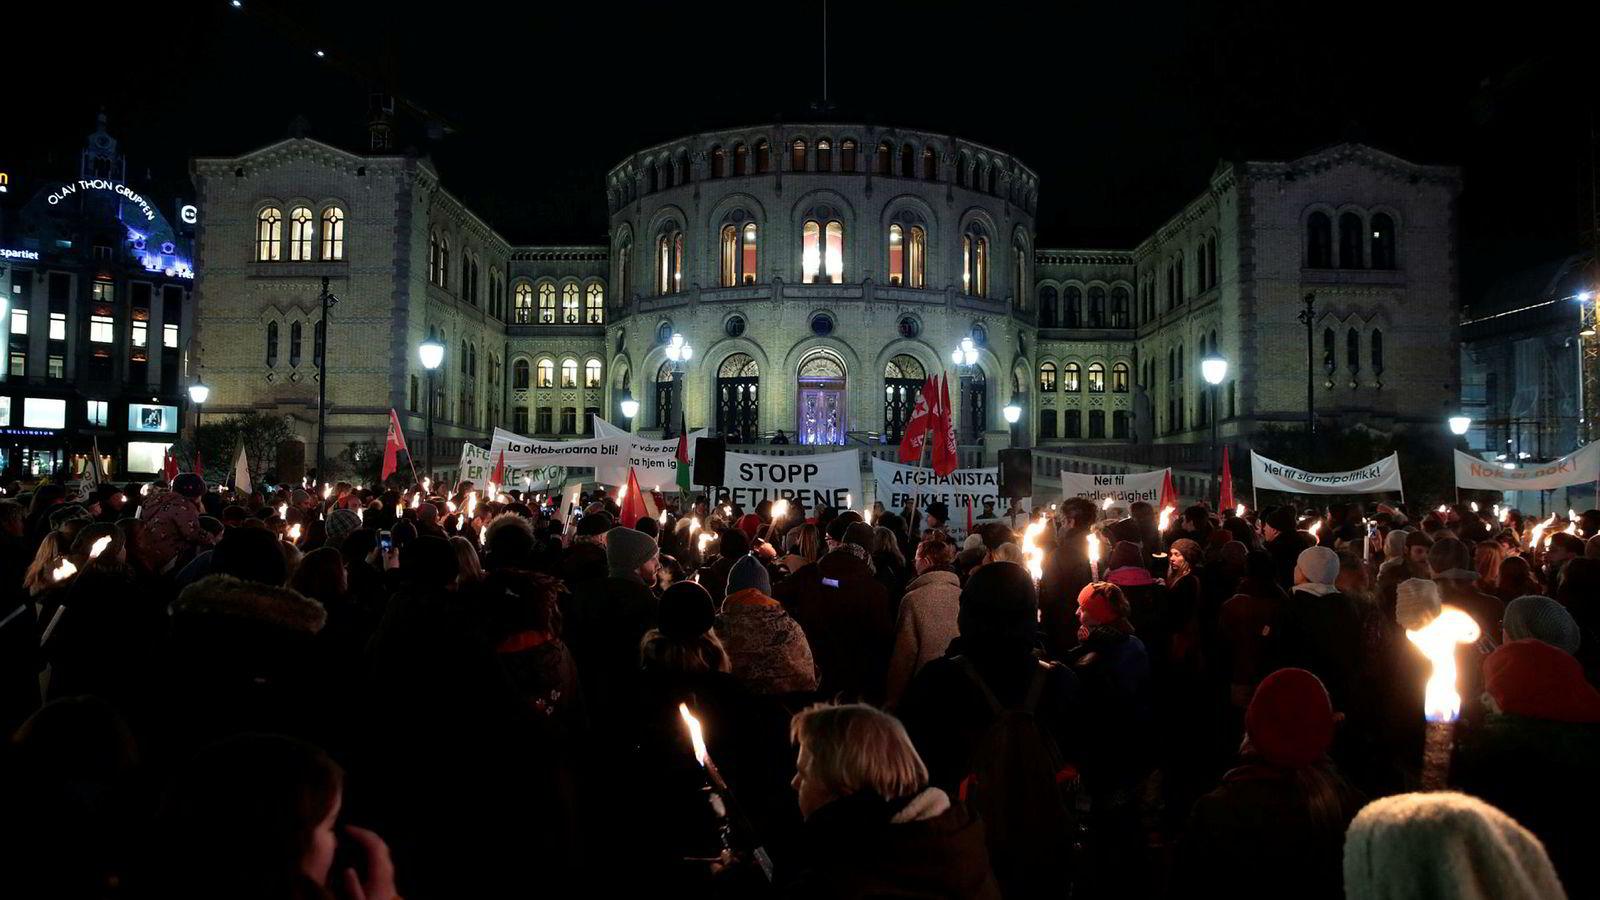 Fornuft eller følelser? Norsk debatt om utenrikspolitikk handler om å stå for det «riktige», skriver artikkelforfatteren.